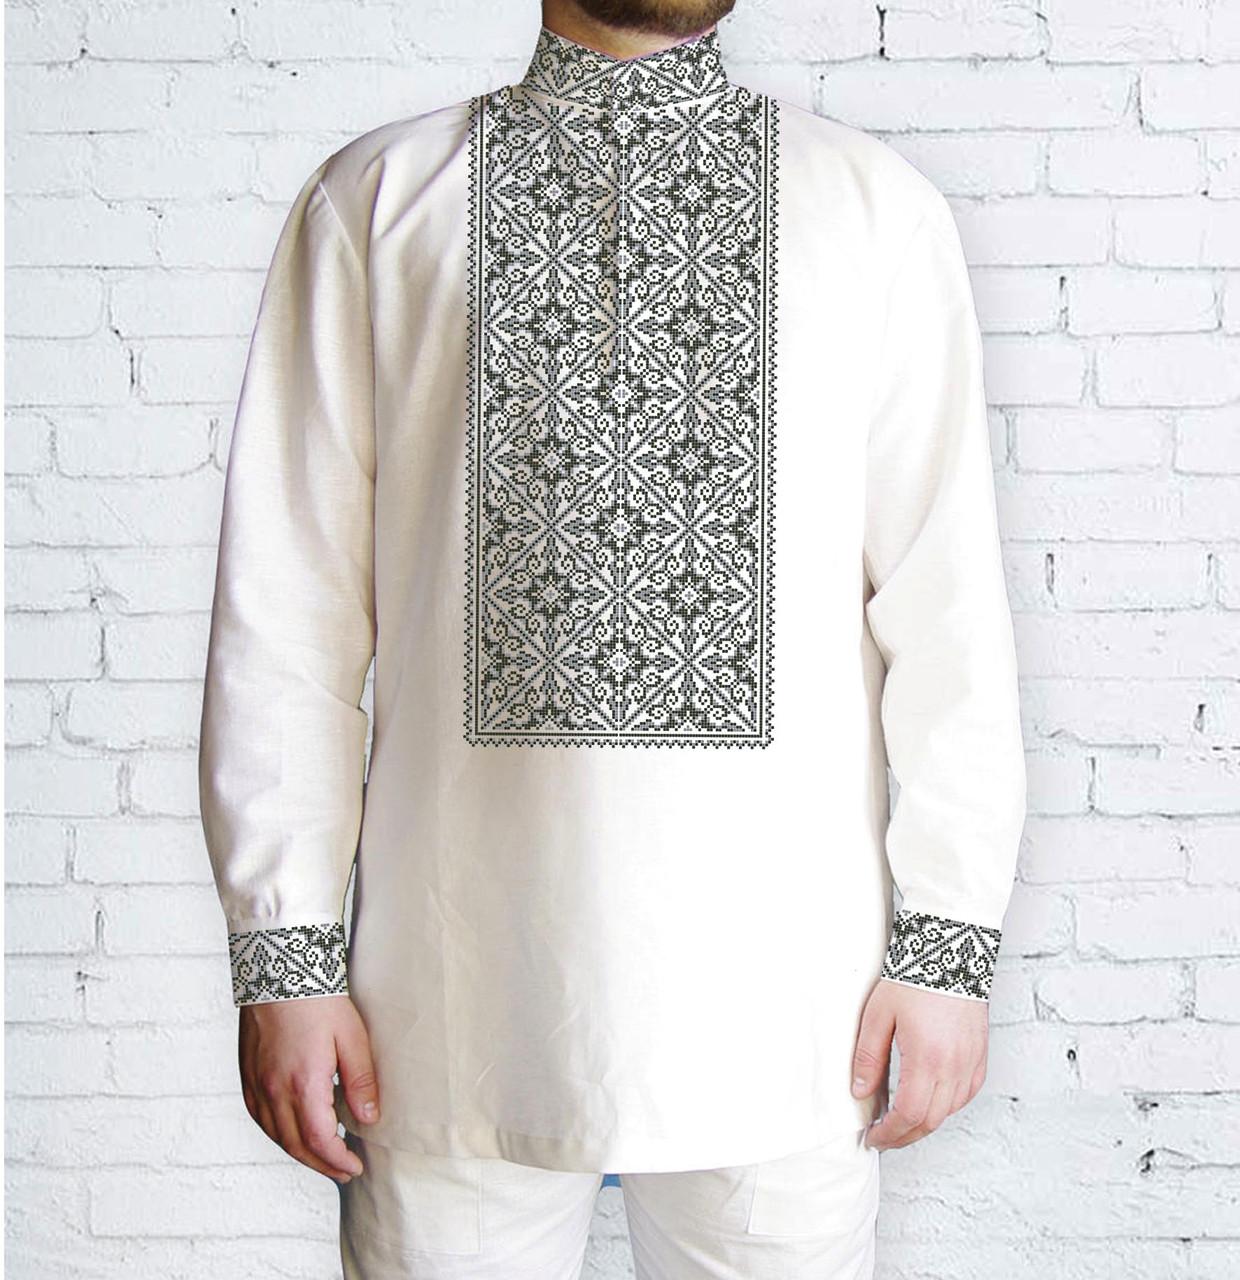 Заготовка чоловічої сорочки та вишиванки для вишивки чи вишивання бісером Бисерок «540 Сіра» (Ч-540с)